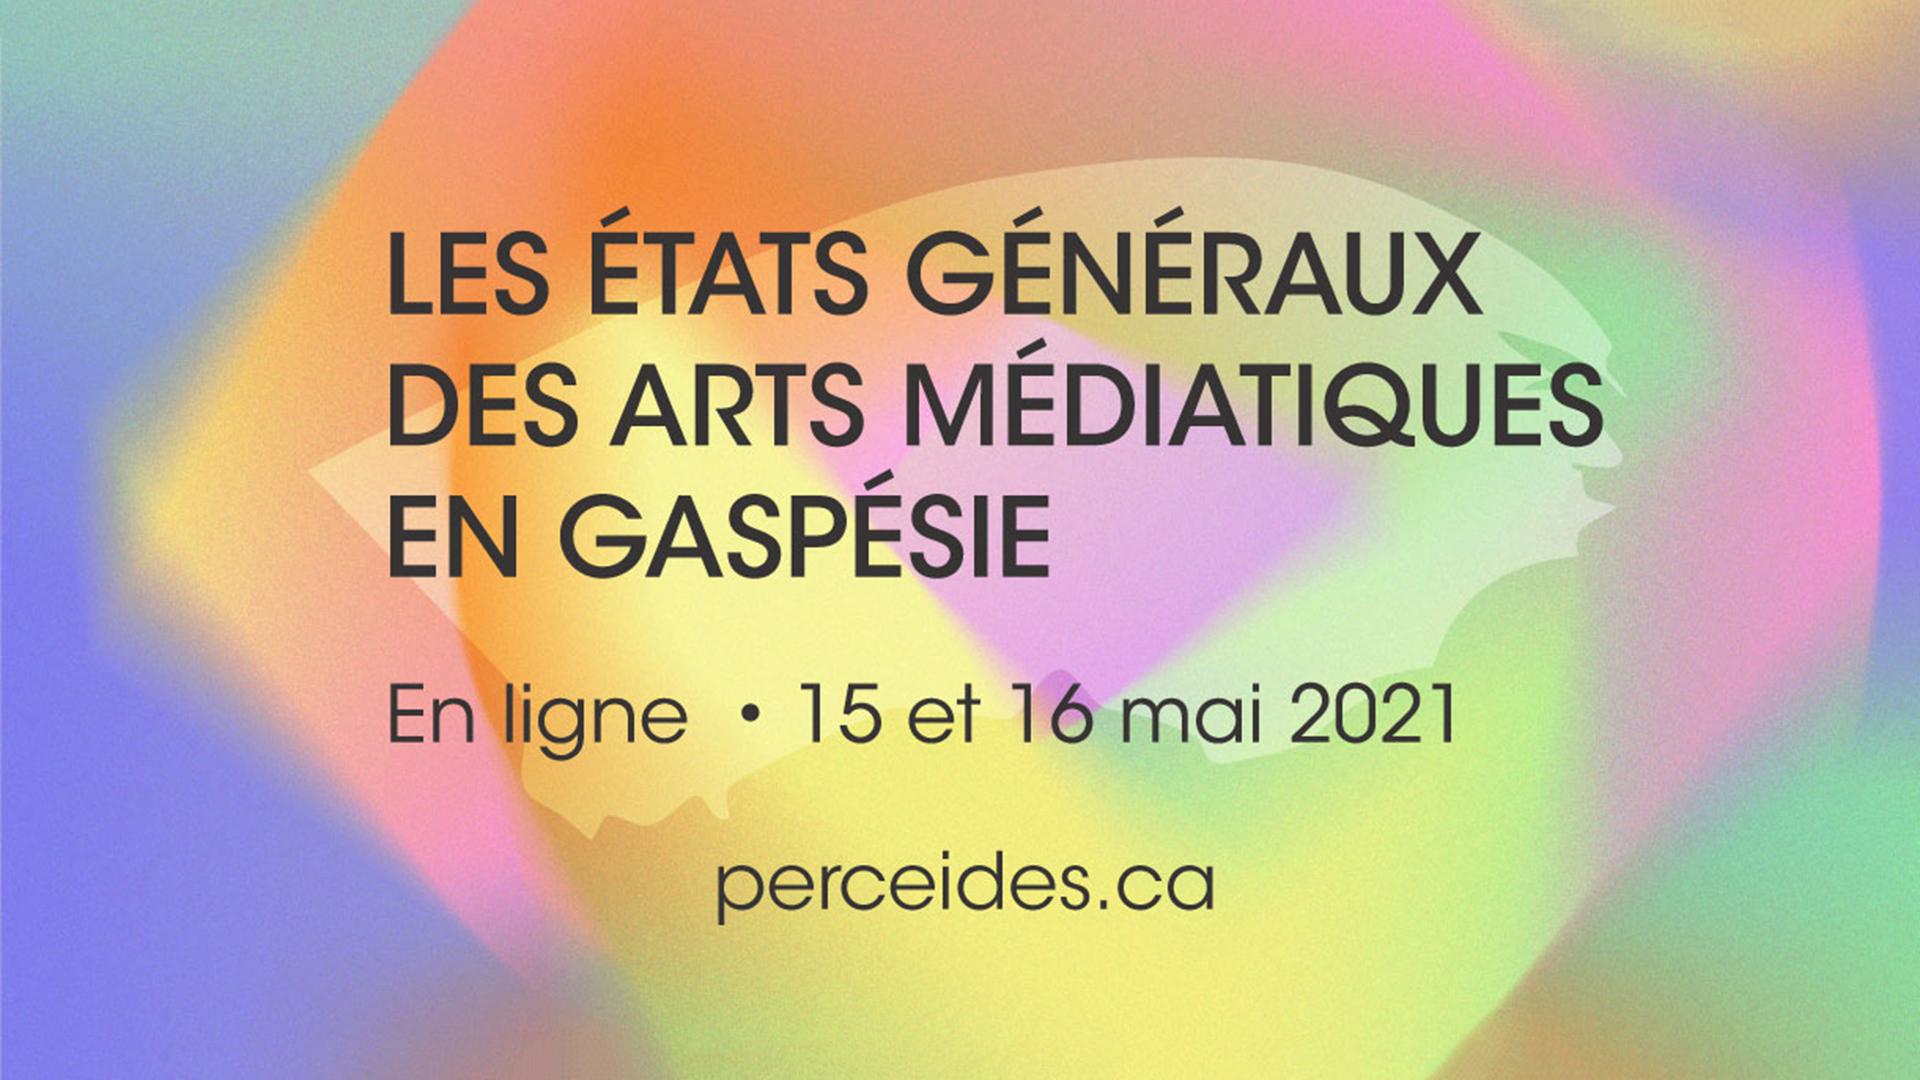 The first états généraux des arts médiatiques en Gaspésie — Questioning